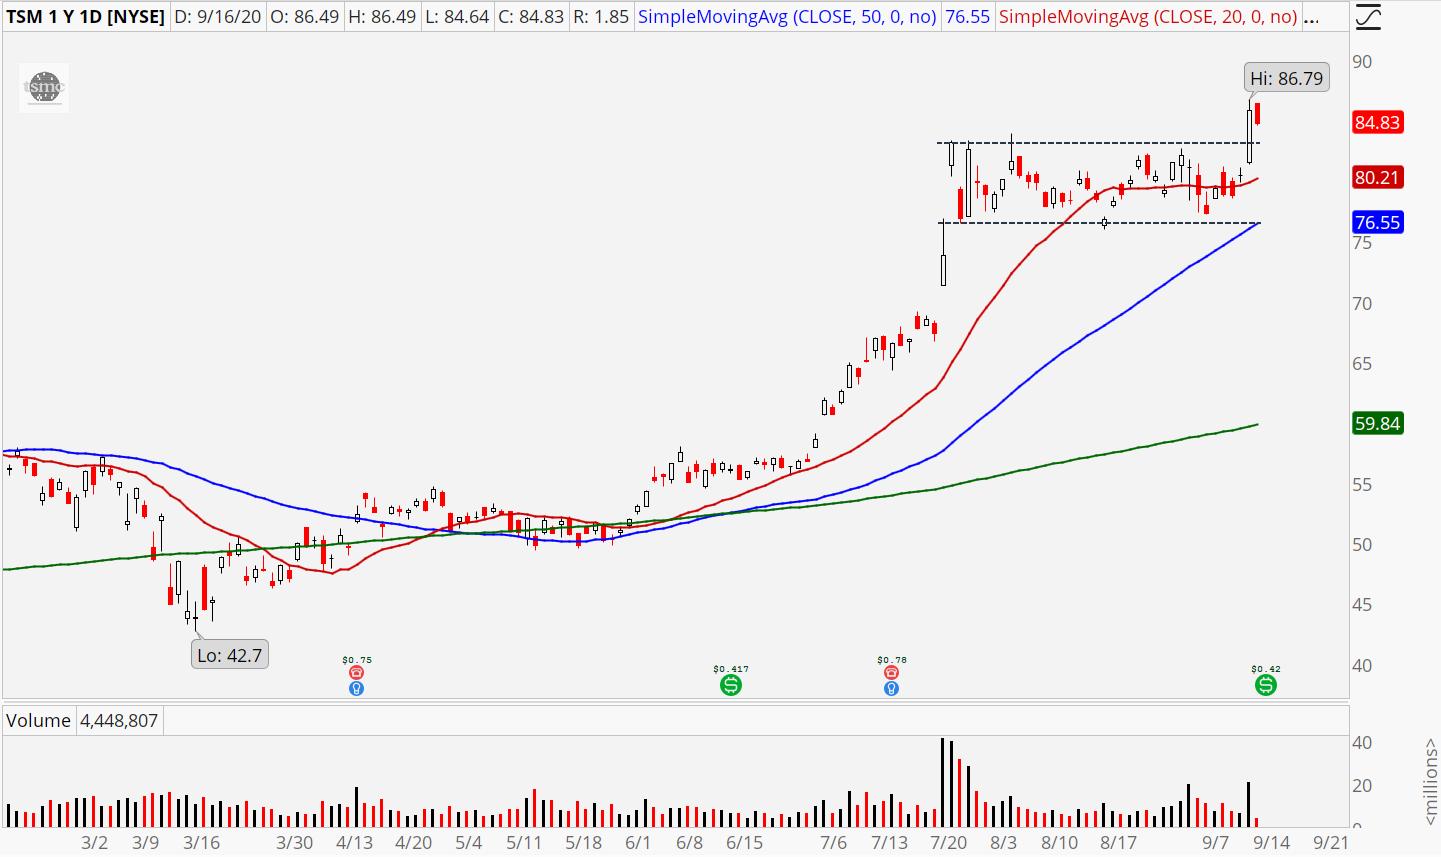 Taiwan Semiconductor (TSM) stock chart showing bullish breakout